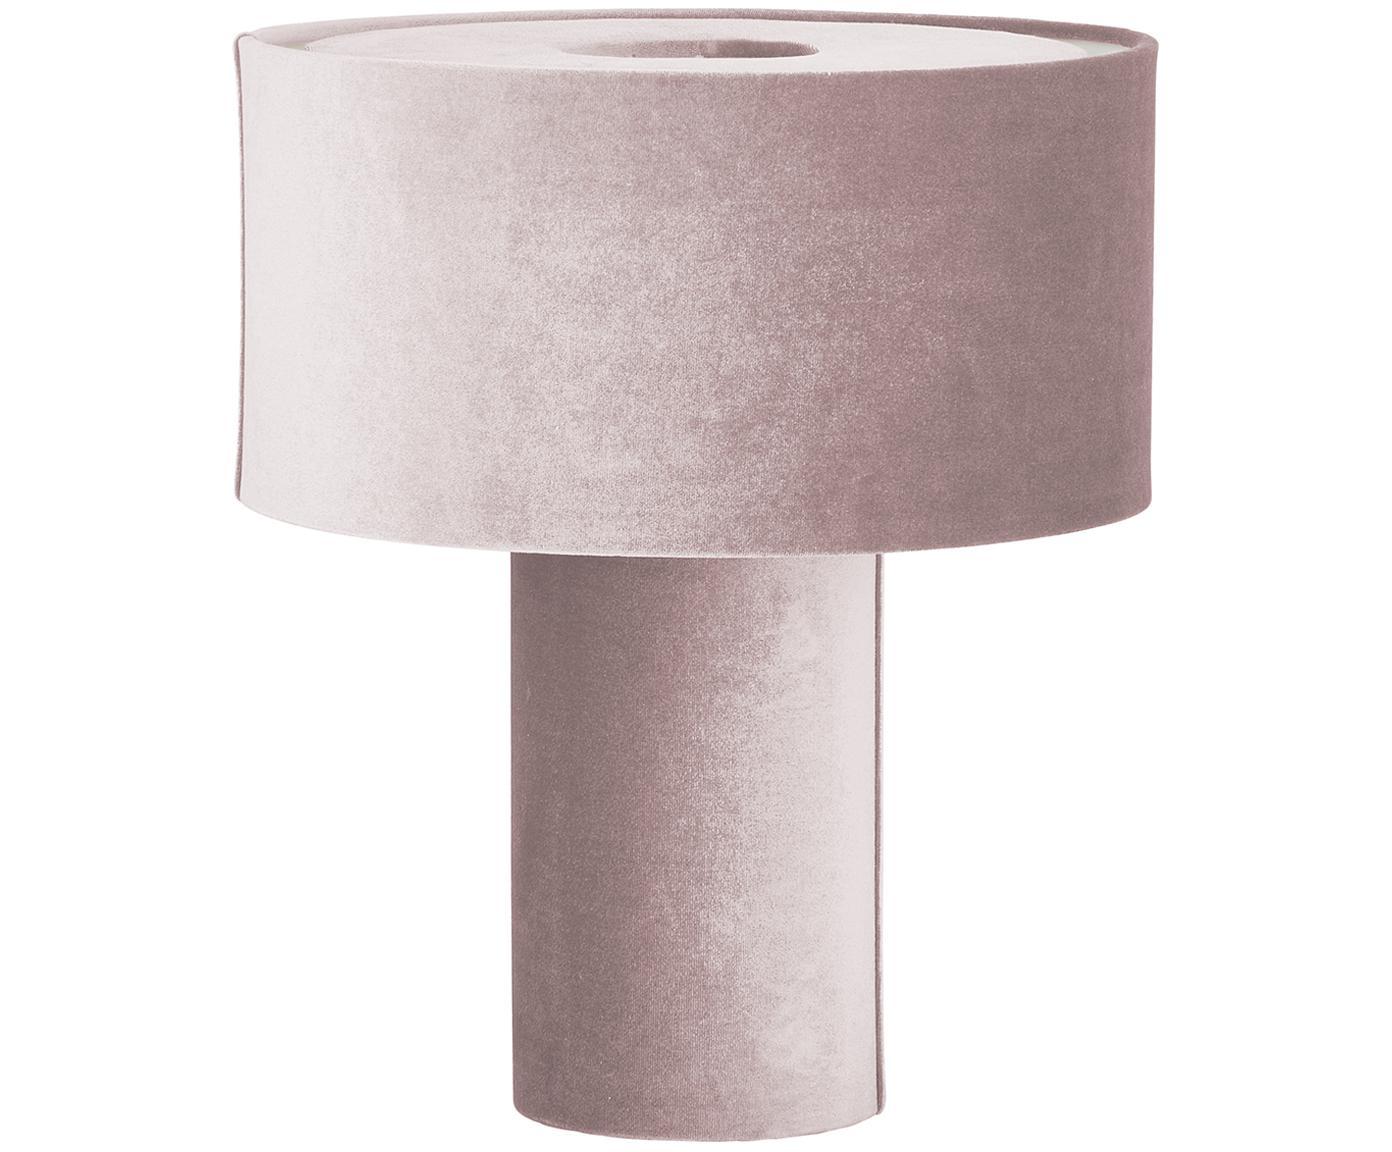 Samt-Tischleuchte Frida, Lampenschirm: Samt, Rosa, Ø 30 x H 36 cm